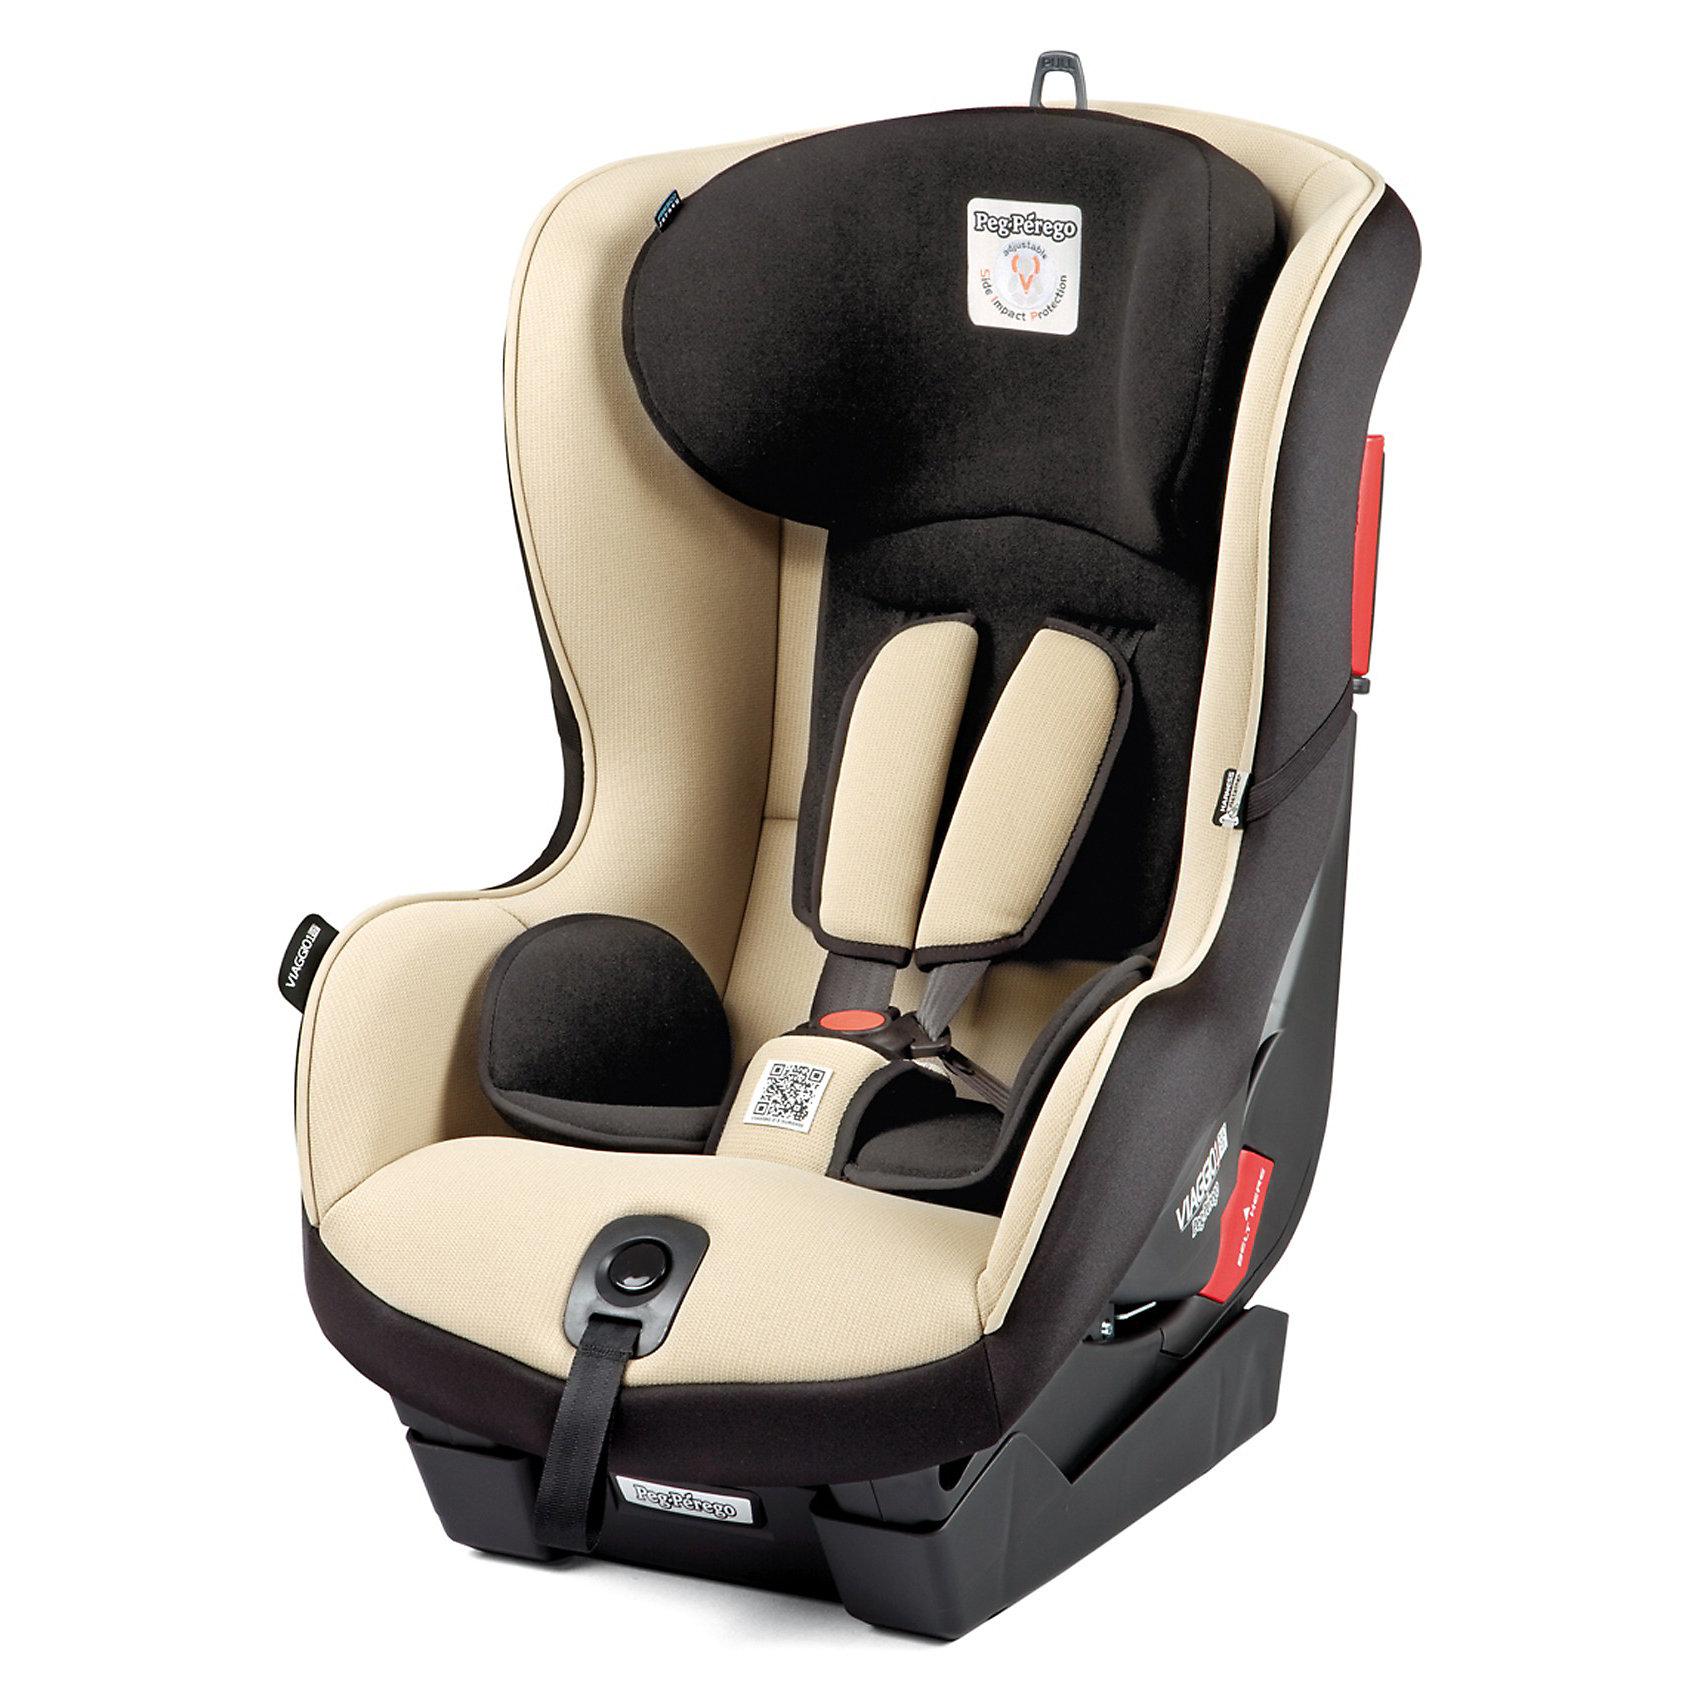 Автокресло Peg Perego Viaggio1 Duo-Fix K, 9-18 кг, SandГруппа 1 (От 9 до 18 кг)<br>Детское автокресло Peg Perego Viaggio1 Duo-Fix предназначено для детей весом от 9 до 18 кг.(от 9 мес. до 4 лет). Широкое сидение с редукторной подушкой, пятиточечным ремнем безопасности и дополнительной системой защиты от бокового удара, что обеспечивает максимальную безопасность, а 4 положения наклона обеспечивает ребенку комфорт и отдых в длительных поездках и во время сна.<br><br>Ширина мм: 740<br>Глубина мм: 450<br>Высота мм: 740<br>Вес г: 12860<br>Цвет: бежевый<br>Возраст от месяцев: 9<br>Возраст до месяцев: 48<br>Пол: Унисекс<br>Возраст: Детский<br>SKU: 3260053